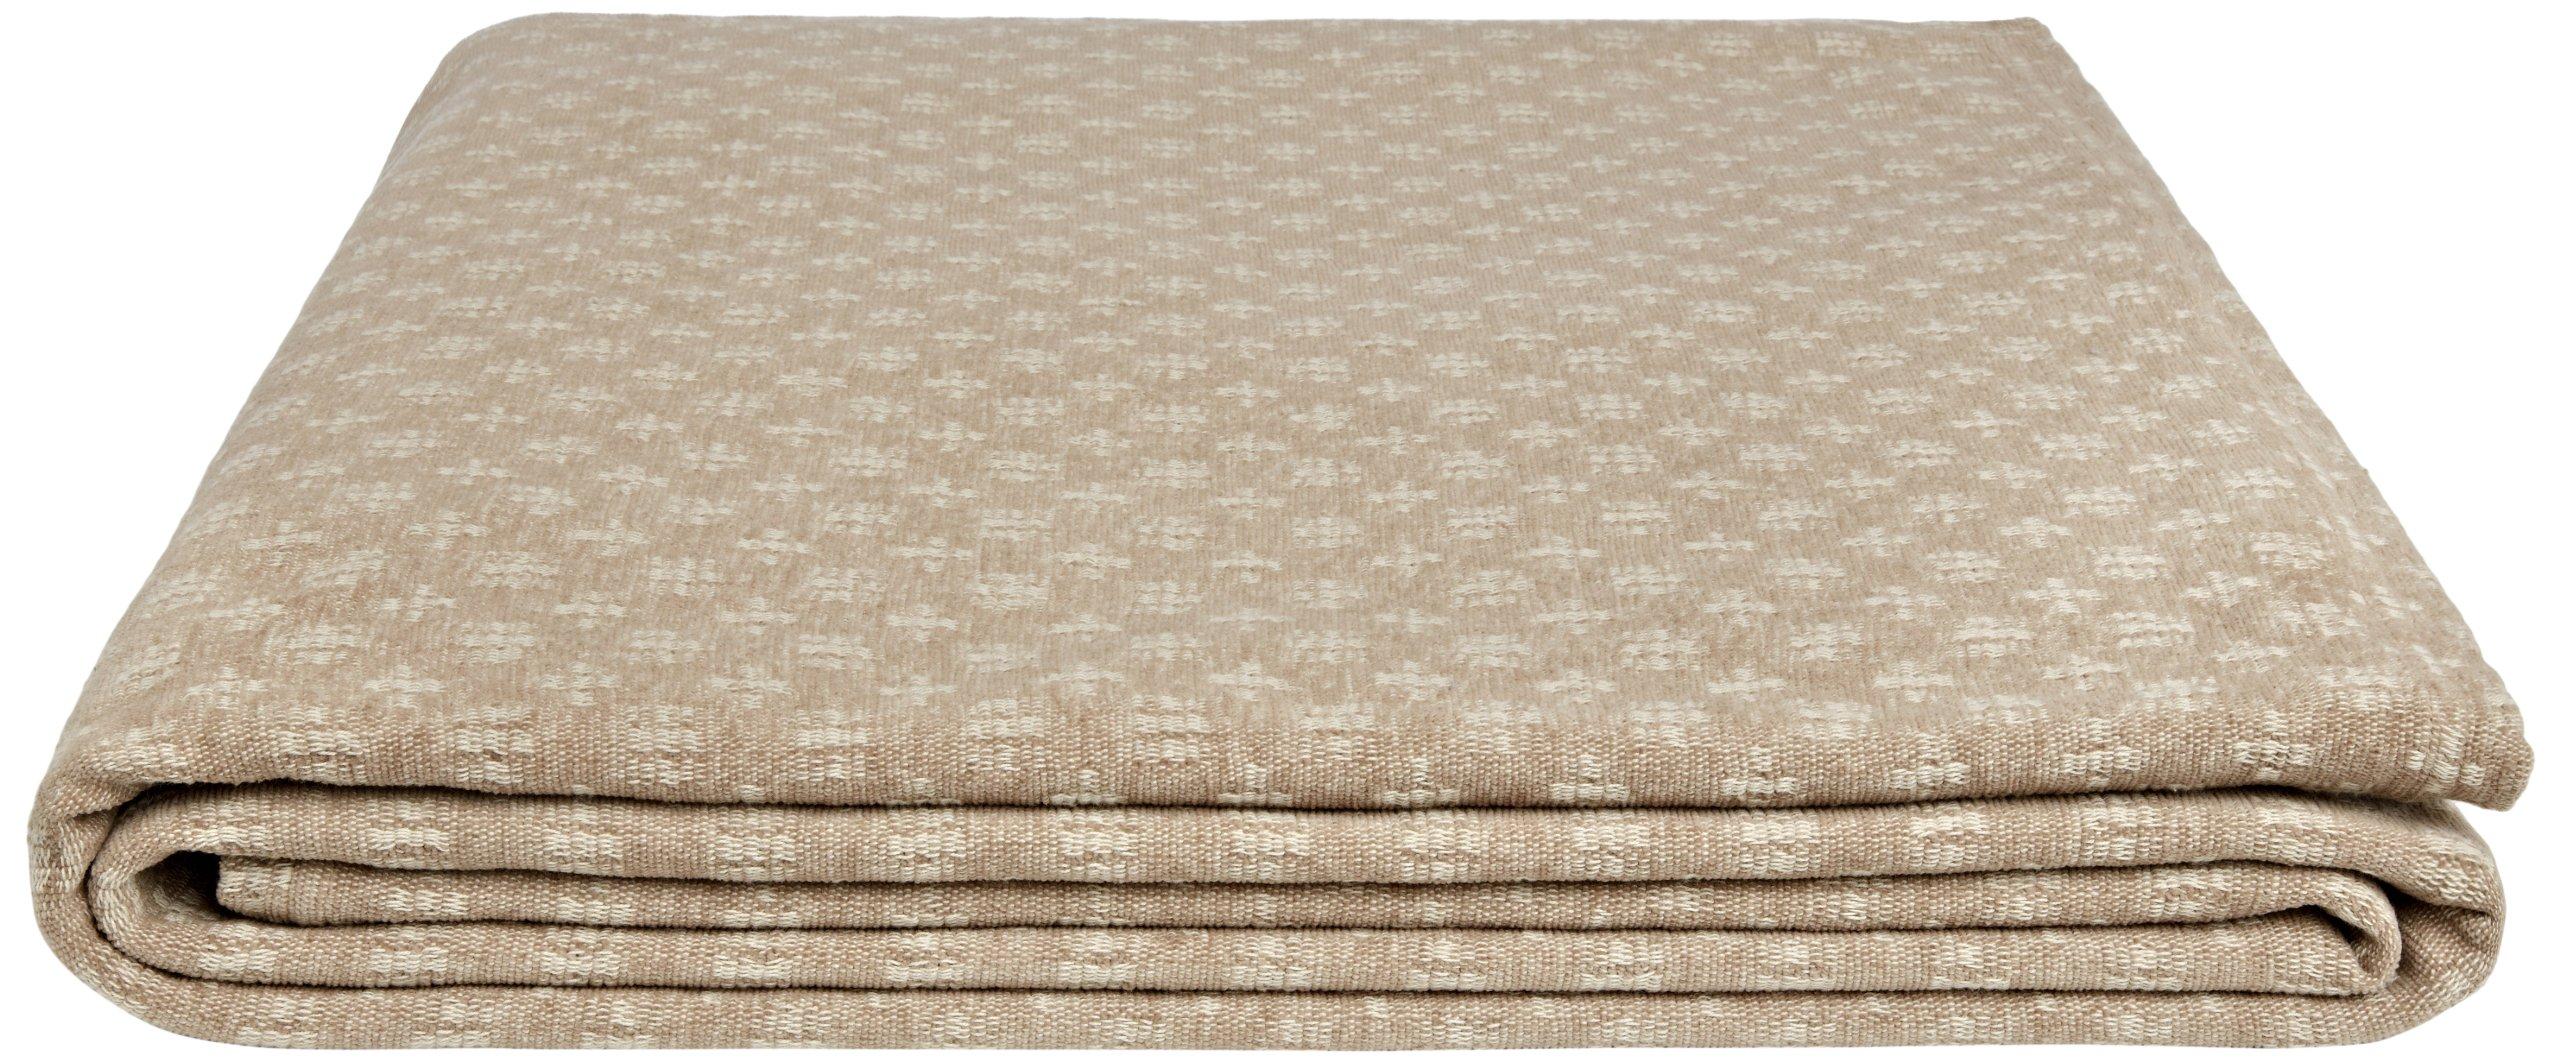 Calvin Klein Home Wellfleet Lucent Weave Coverlet, Queen